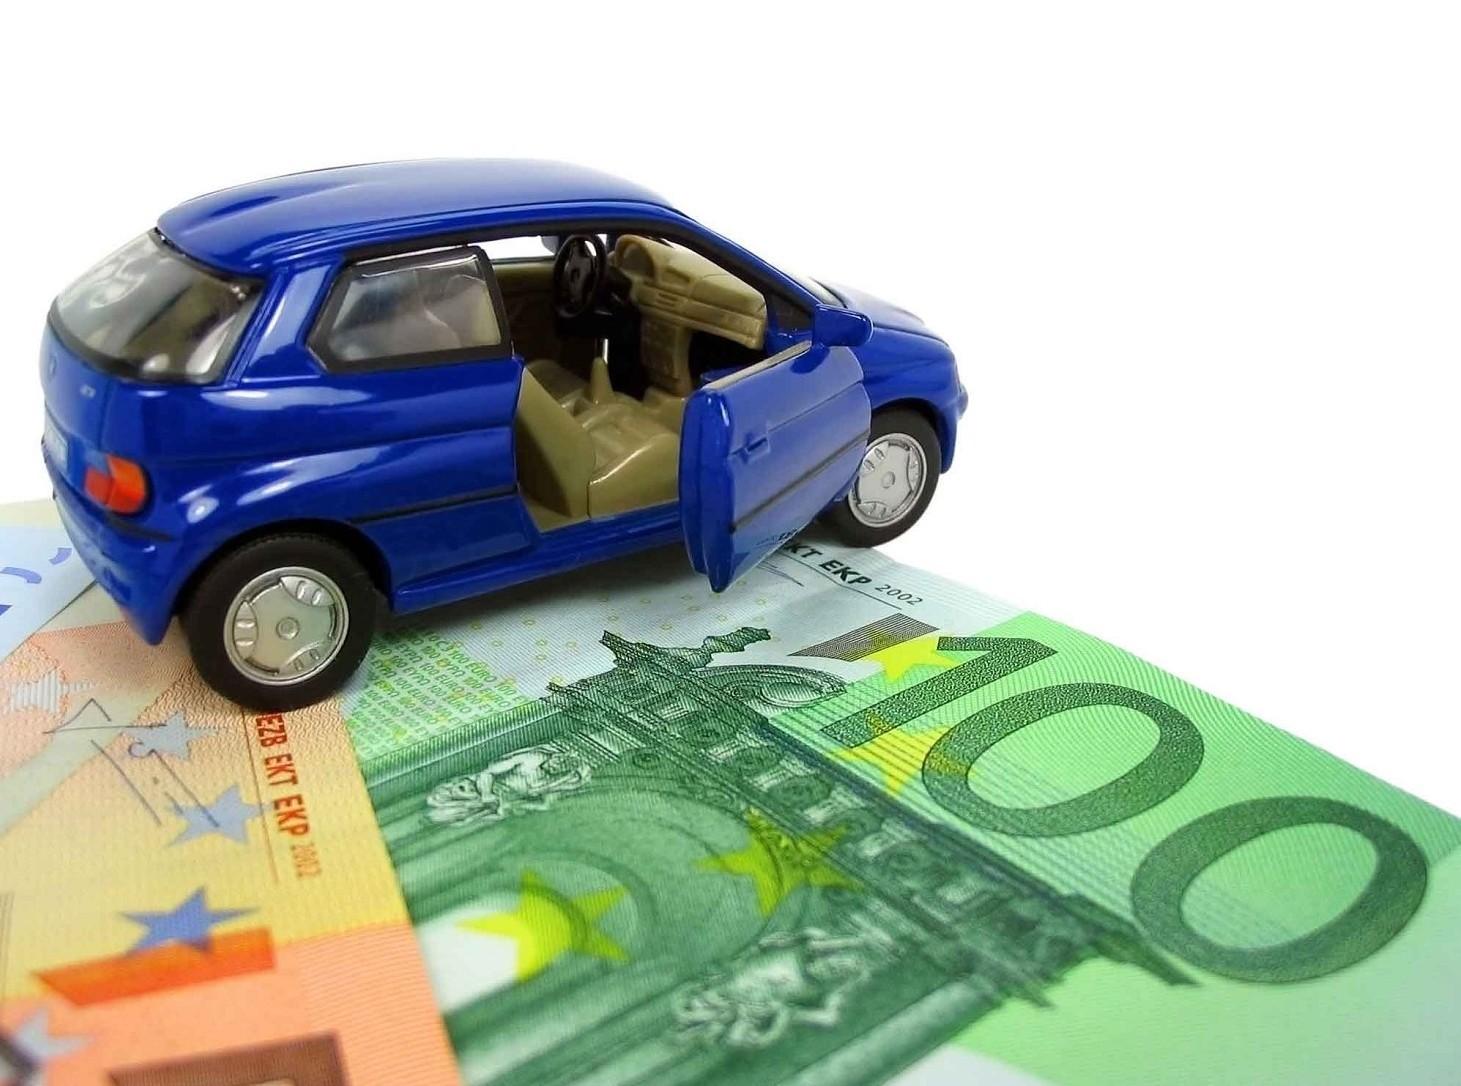 Quando l'assicurazione auto non paga i danni. Tutti i casi, lista aggiornata 2020